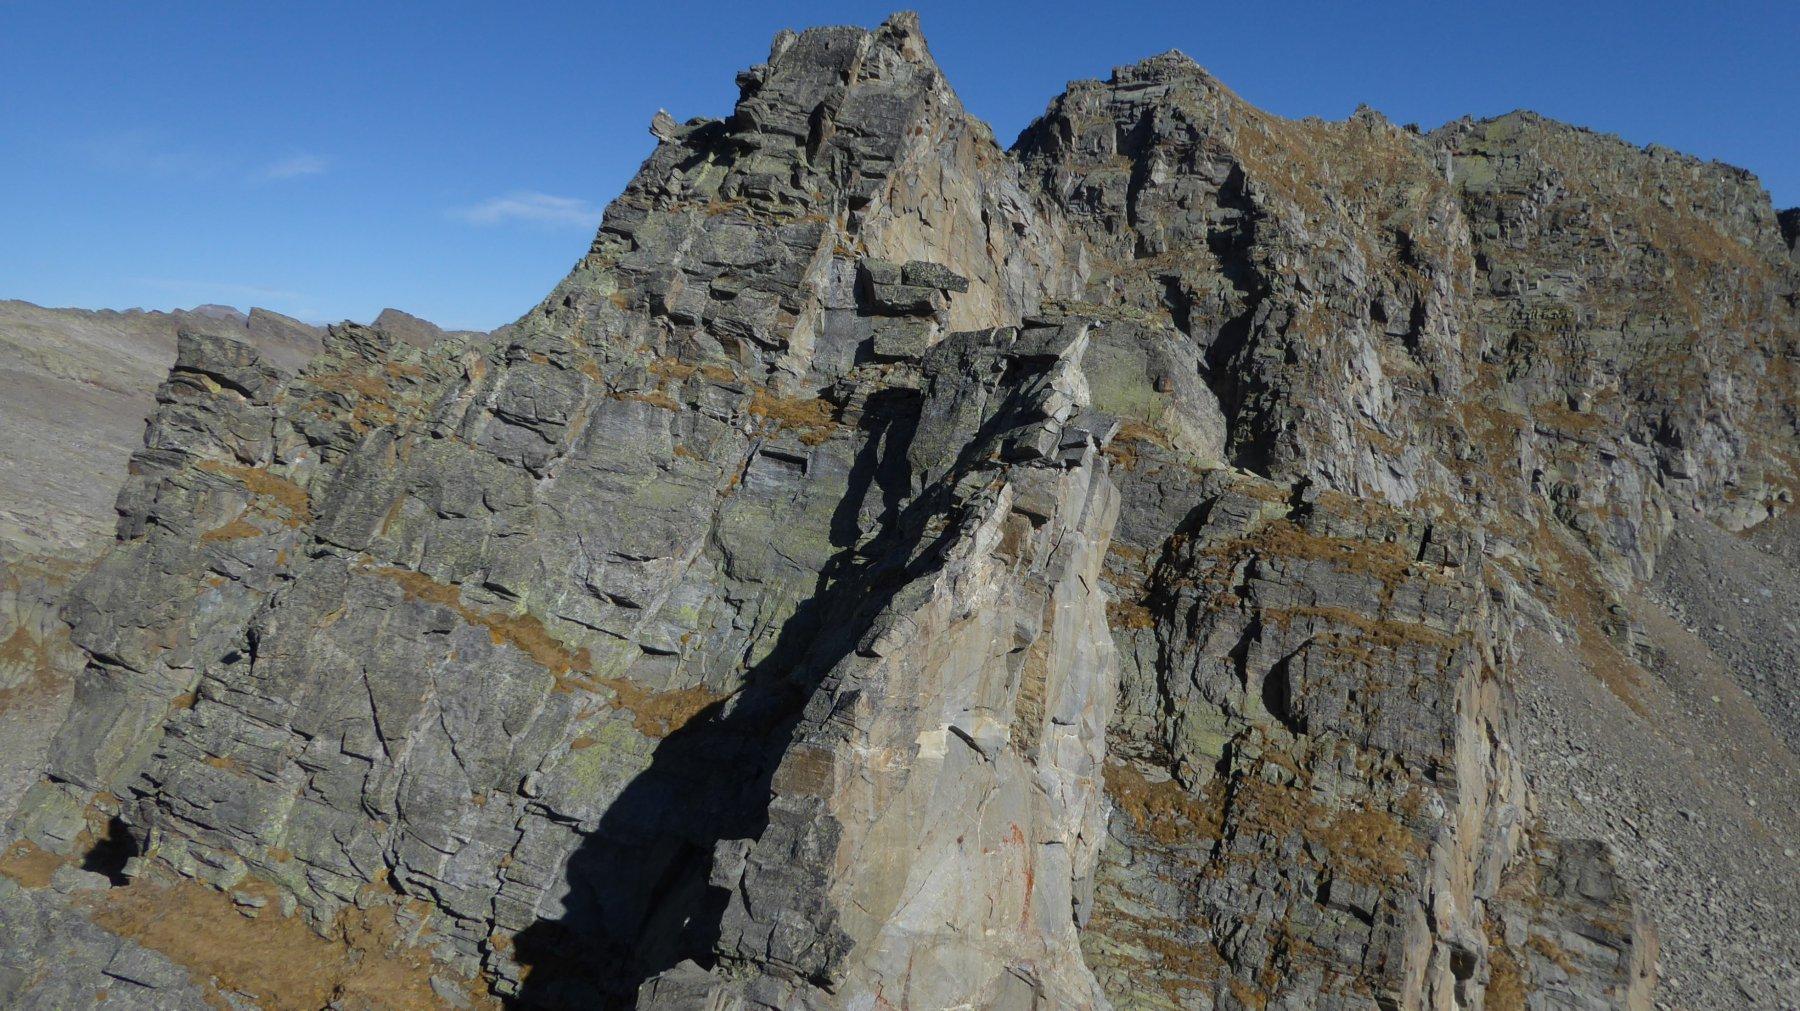 Prafiorito (Costa o Cresta di) quota 2836 m da Tressi per l'Alpe Giavino 2017-10-20